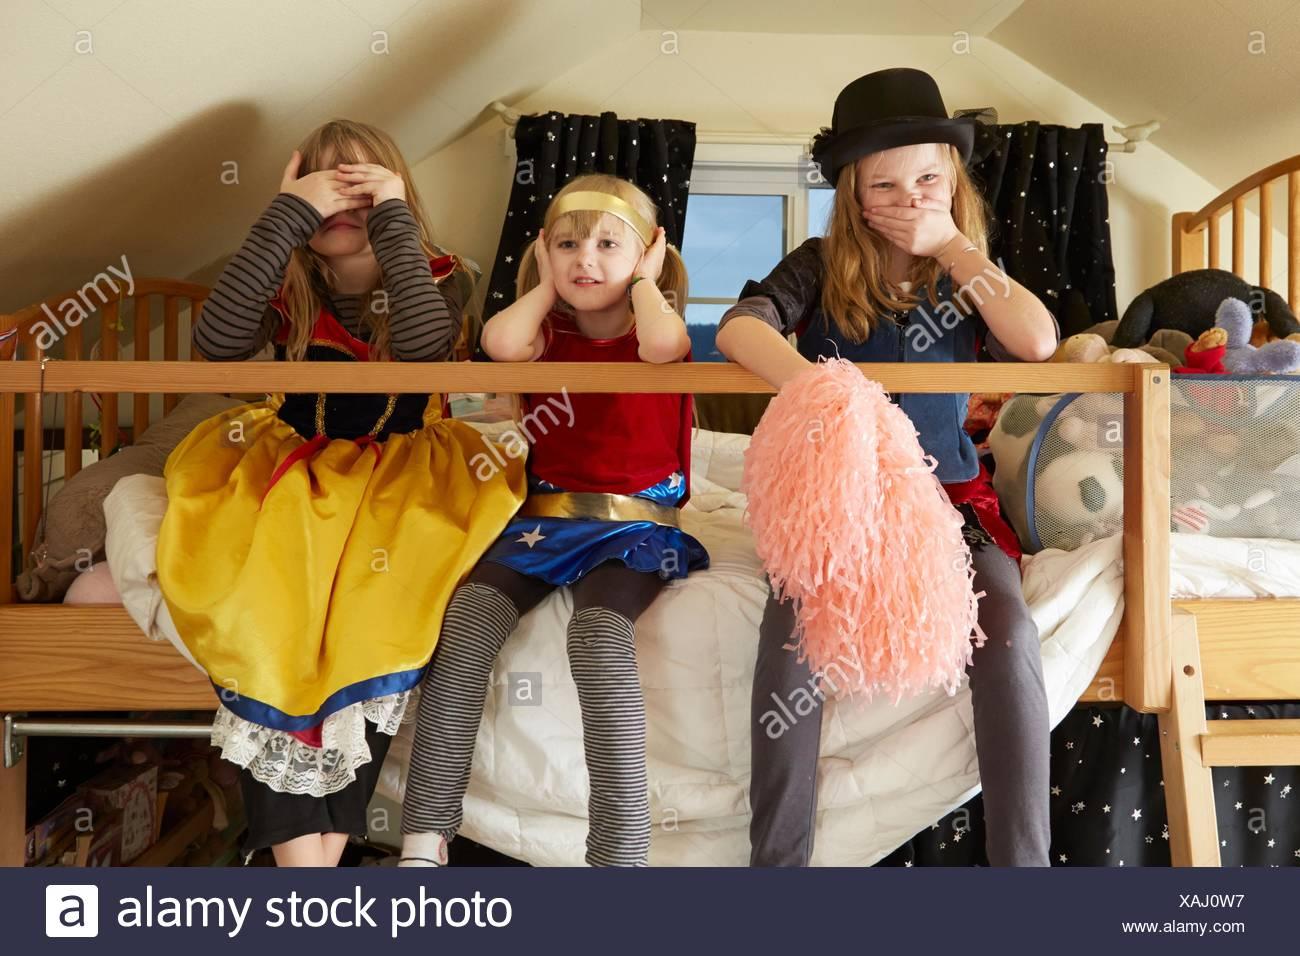 Le tre sorelle, seduta sul letto, indossando abiti fantasiosi costumi, che copre la bocca e le orecchie e gli occhi Immagini Stock